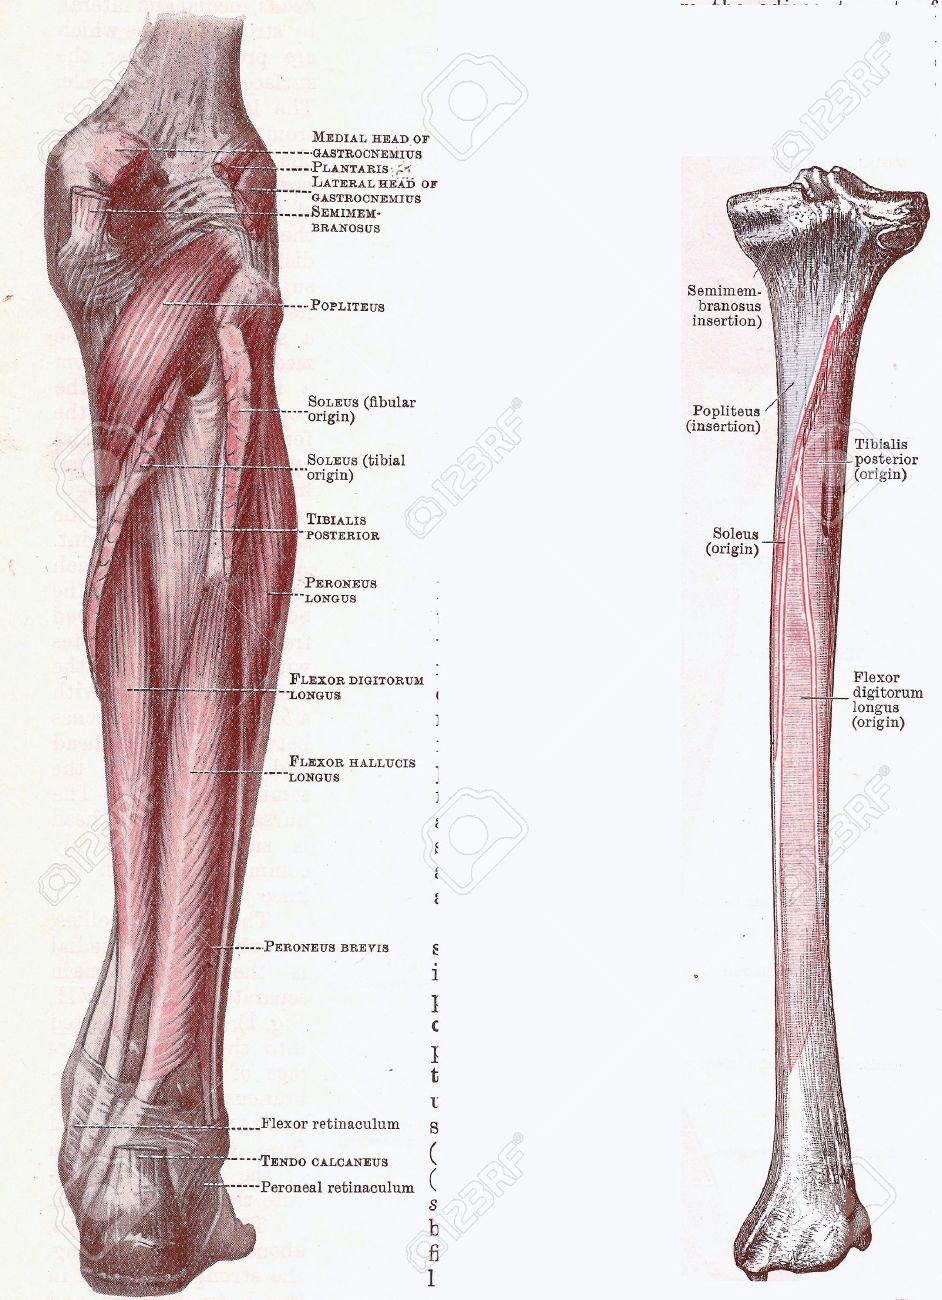 Dissektion Der Bein, Muskeln Und Anhänge, Von Einer Frühen 20 ...